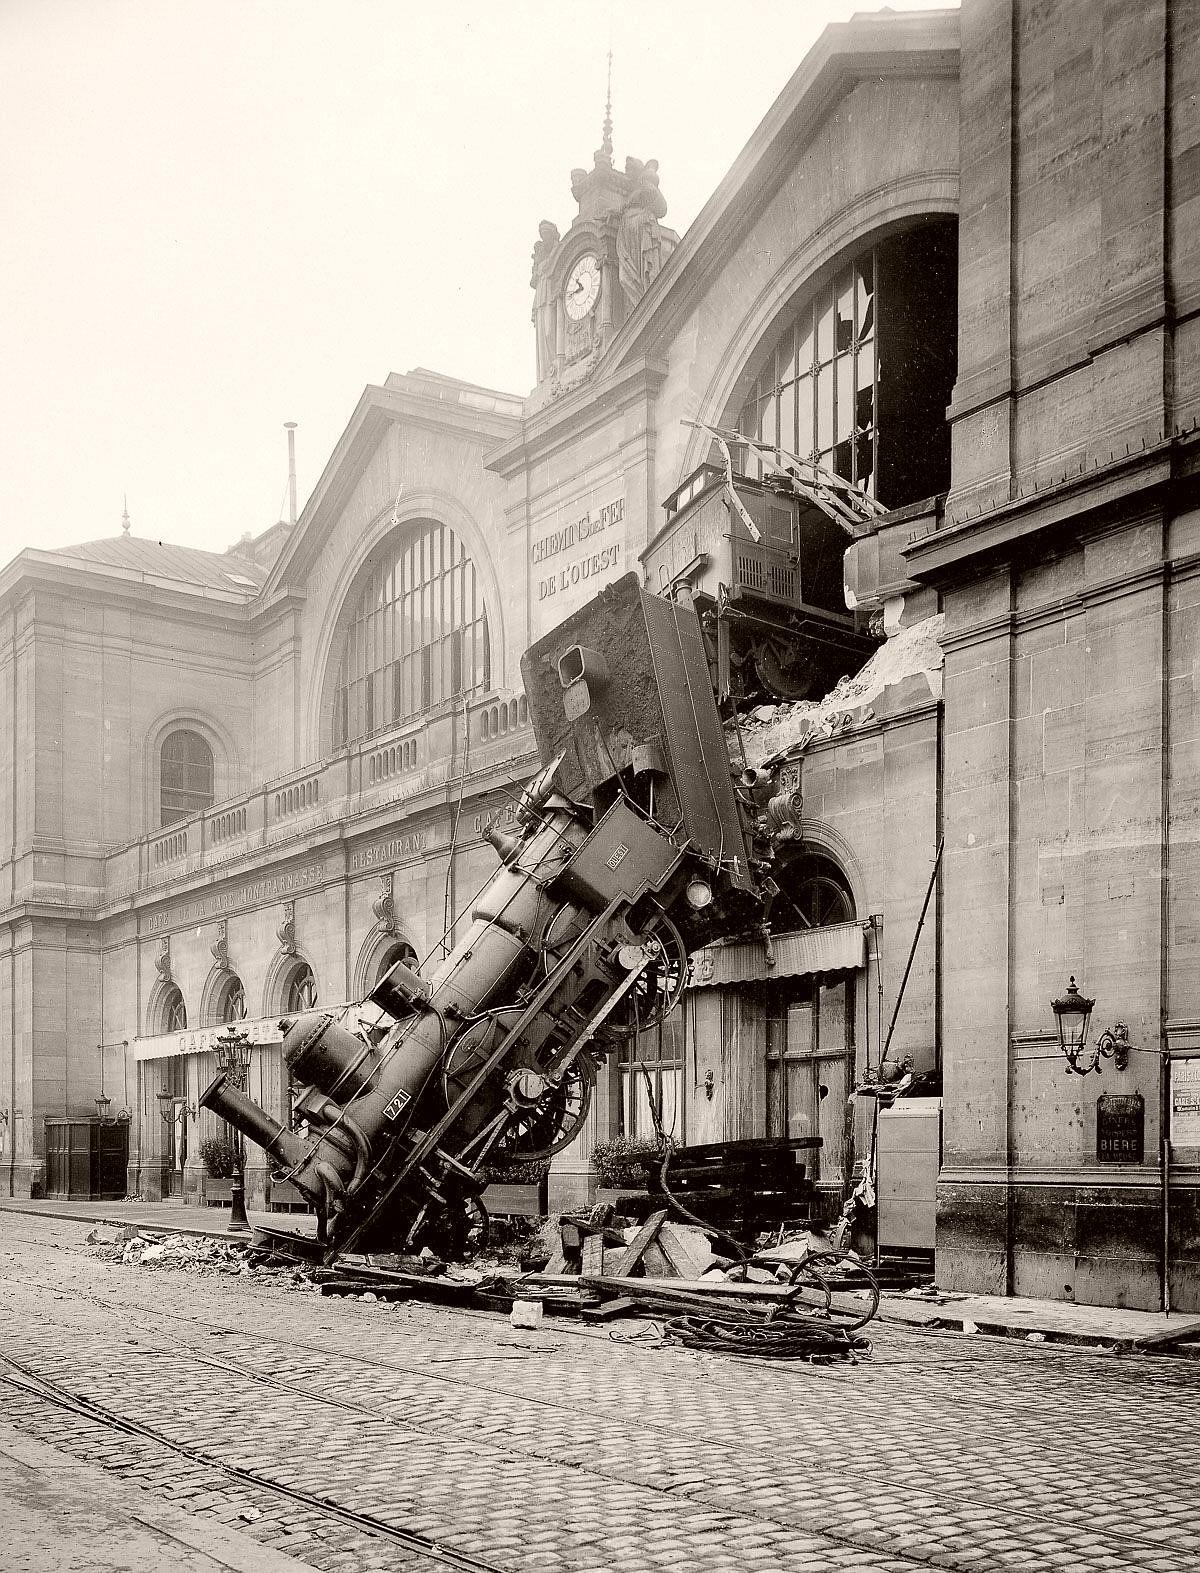 Montparnasse Train Derailment in Paris (1895)